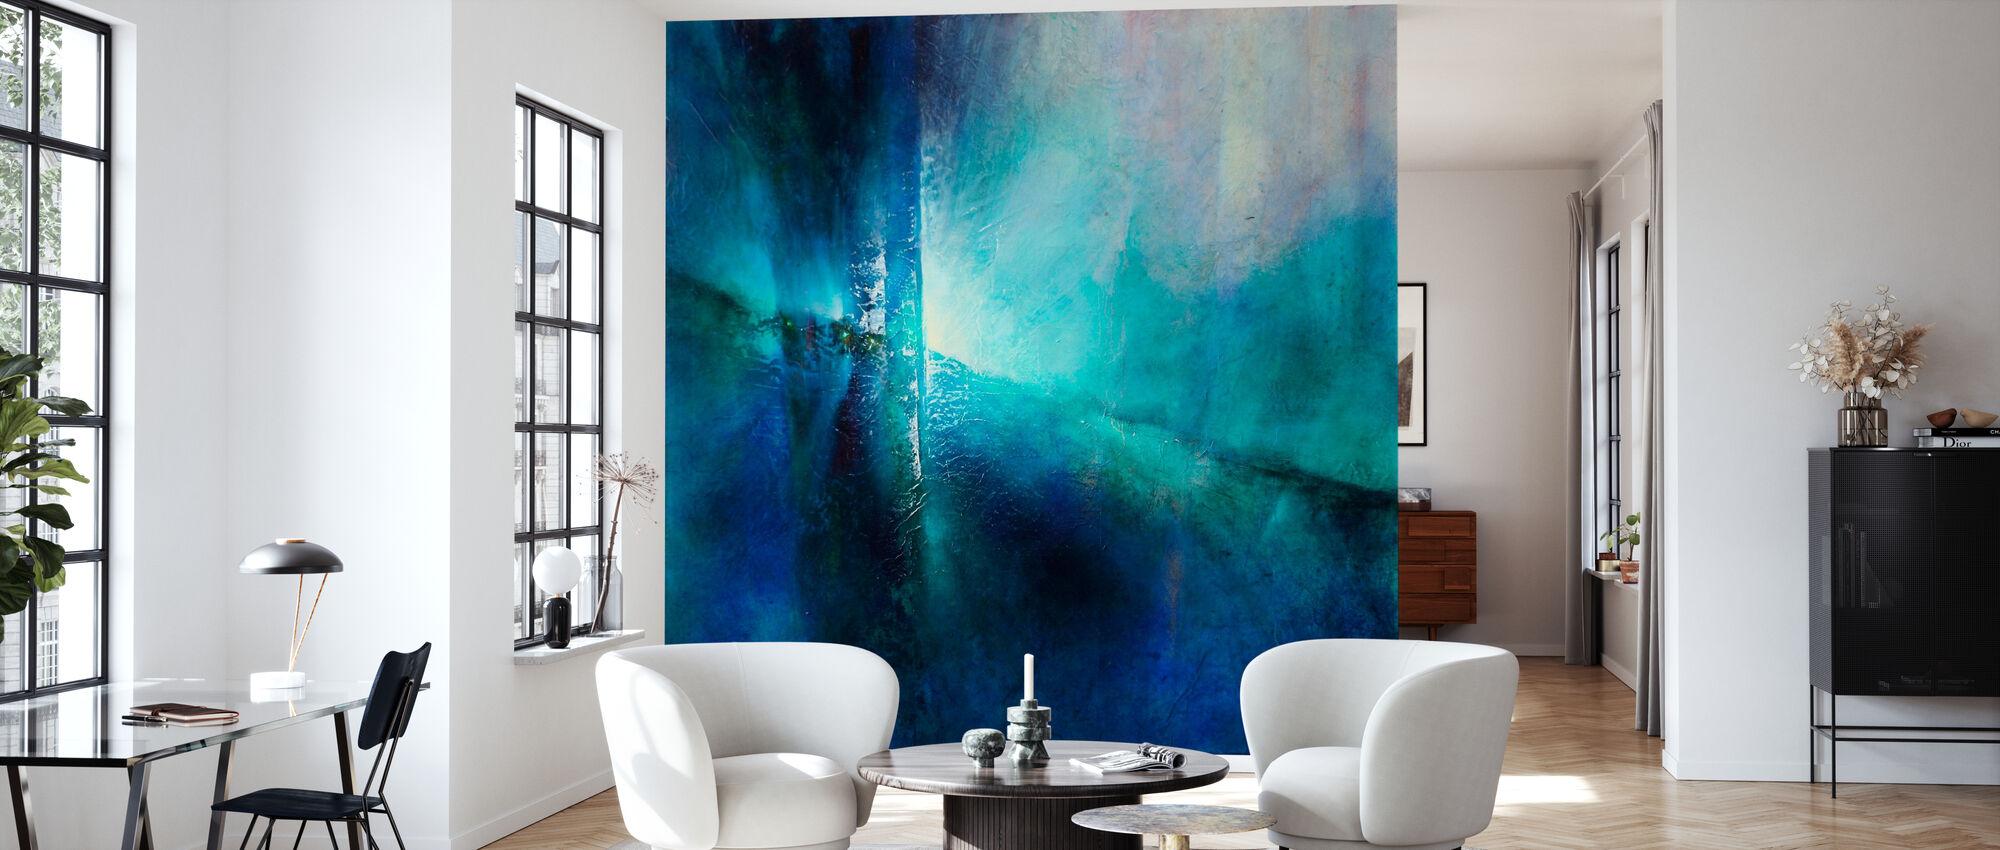 Horizons IV - Wallpaper - Living Room